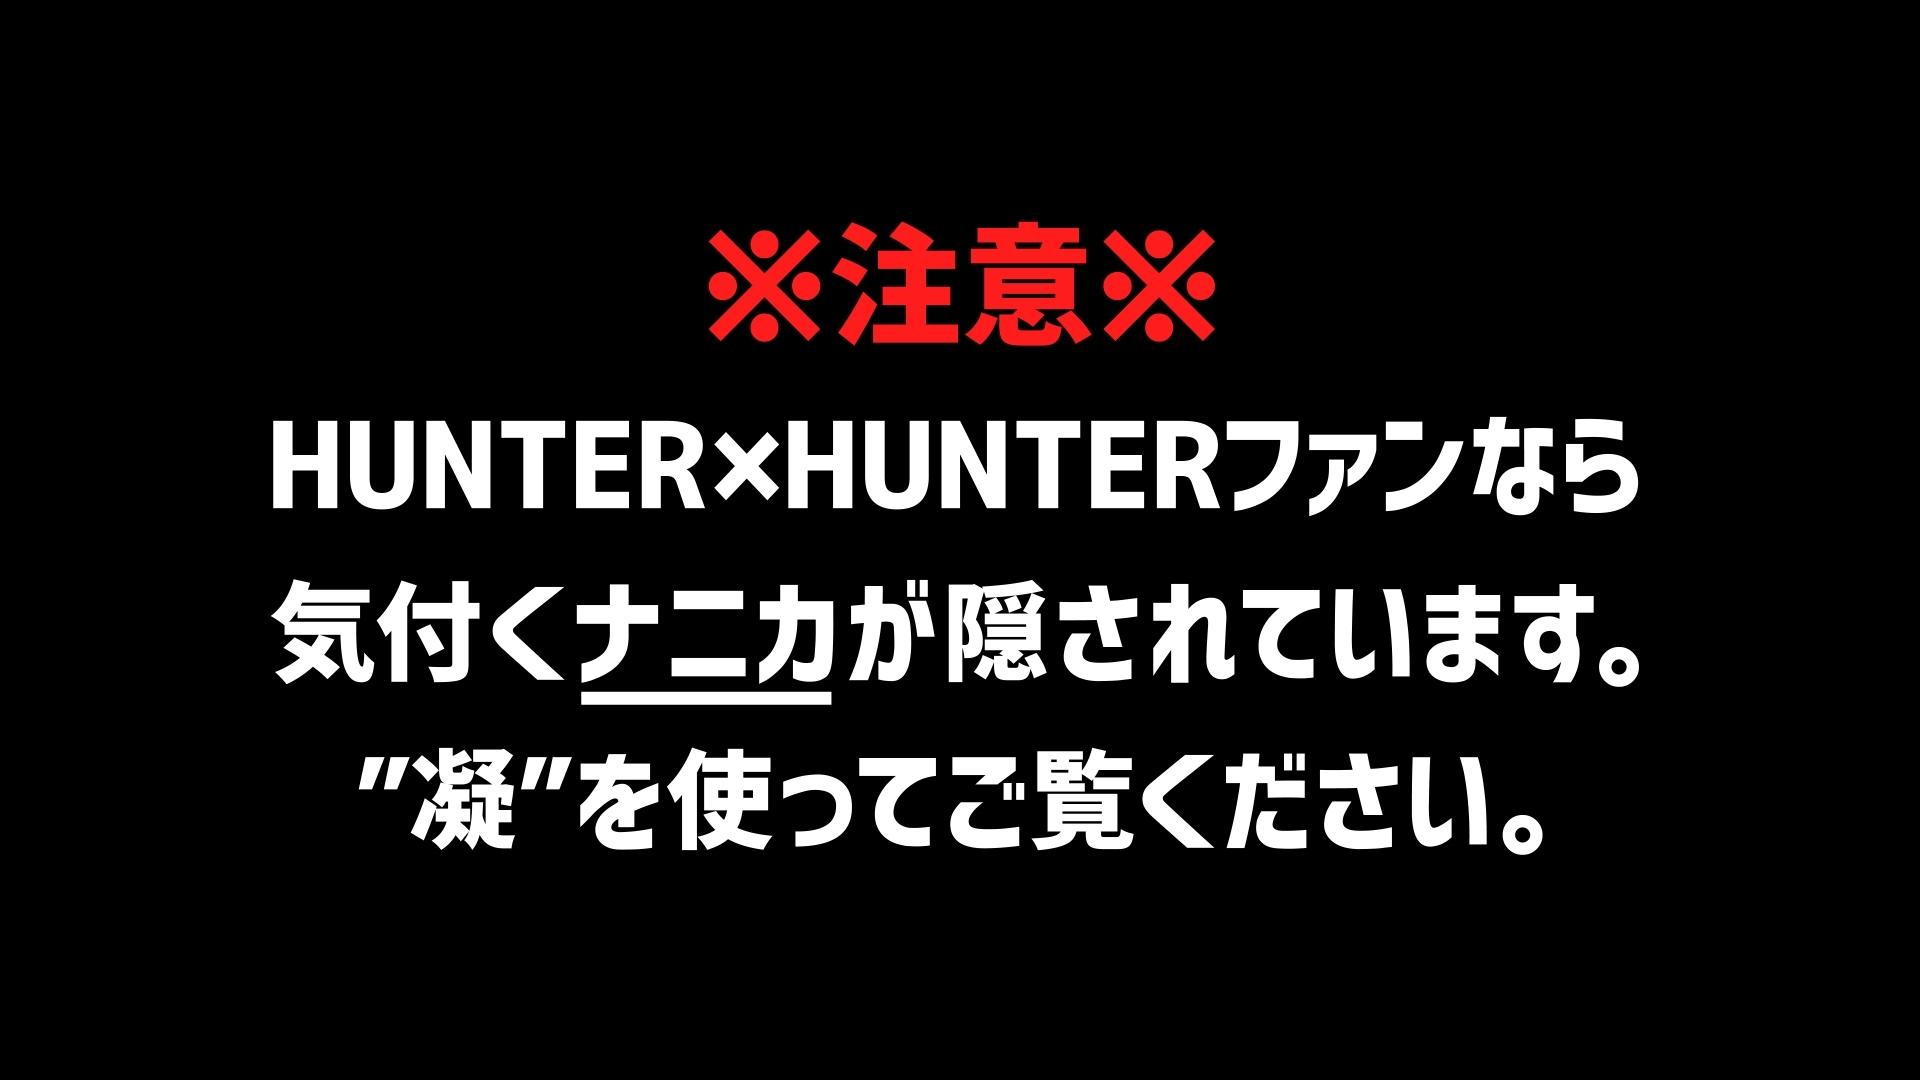 『モンスターストライク』とアニメ『HUNTER×HUNTER』コラボ第2弾、WEB限定動画「HUNTER×HUNTER名言ドラマ」より